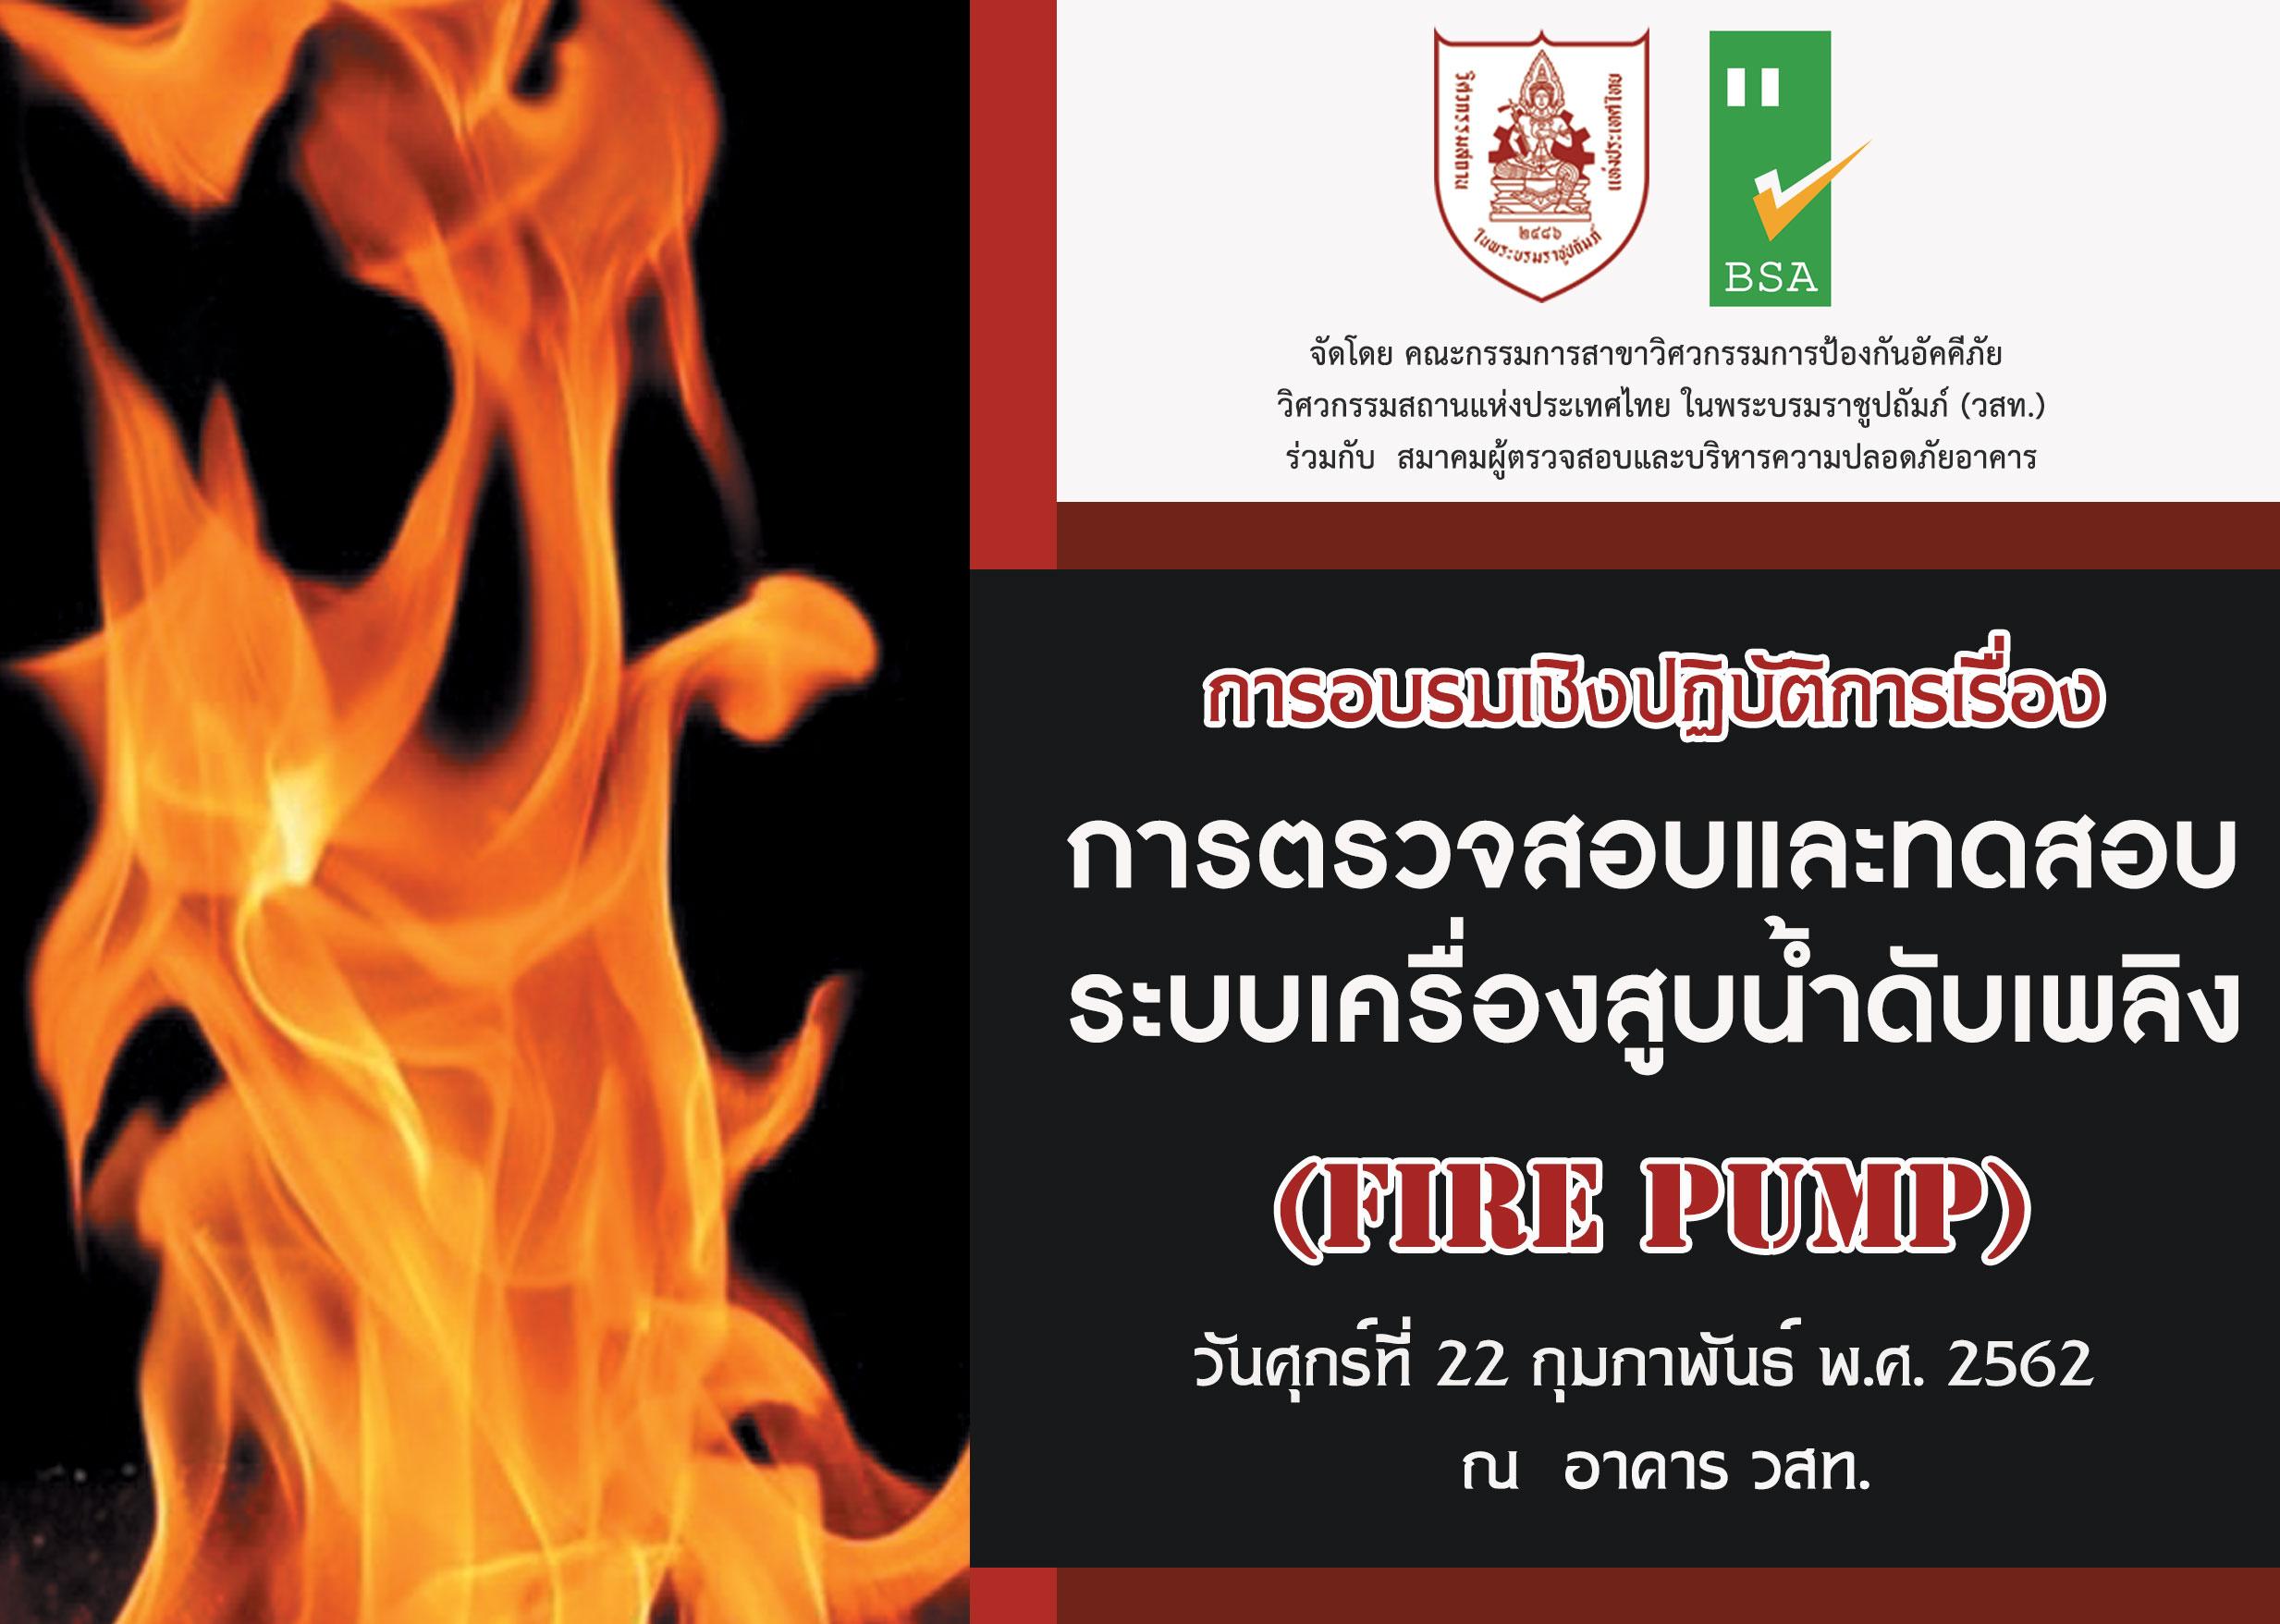 22/02/2562การอบรมเชิงปฏิบัติการเรื่อง การตรวจสอบและทดสอบระบบเครื่องสูบน้ำดับเพลิง (Fire Pump) (ภาคทฤษฎี และภาคปฏิบัติ) รุ่นที่ 15